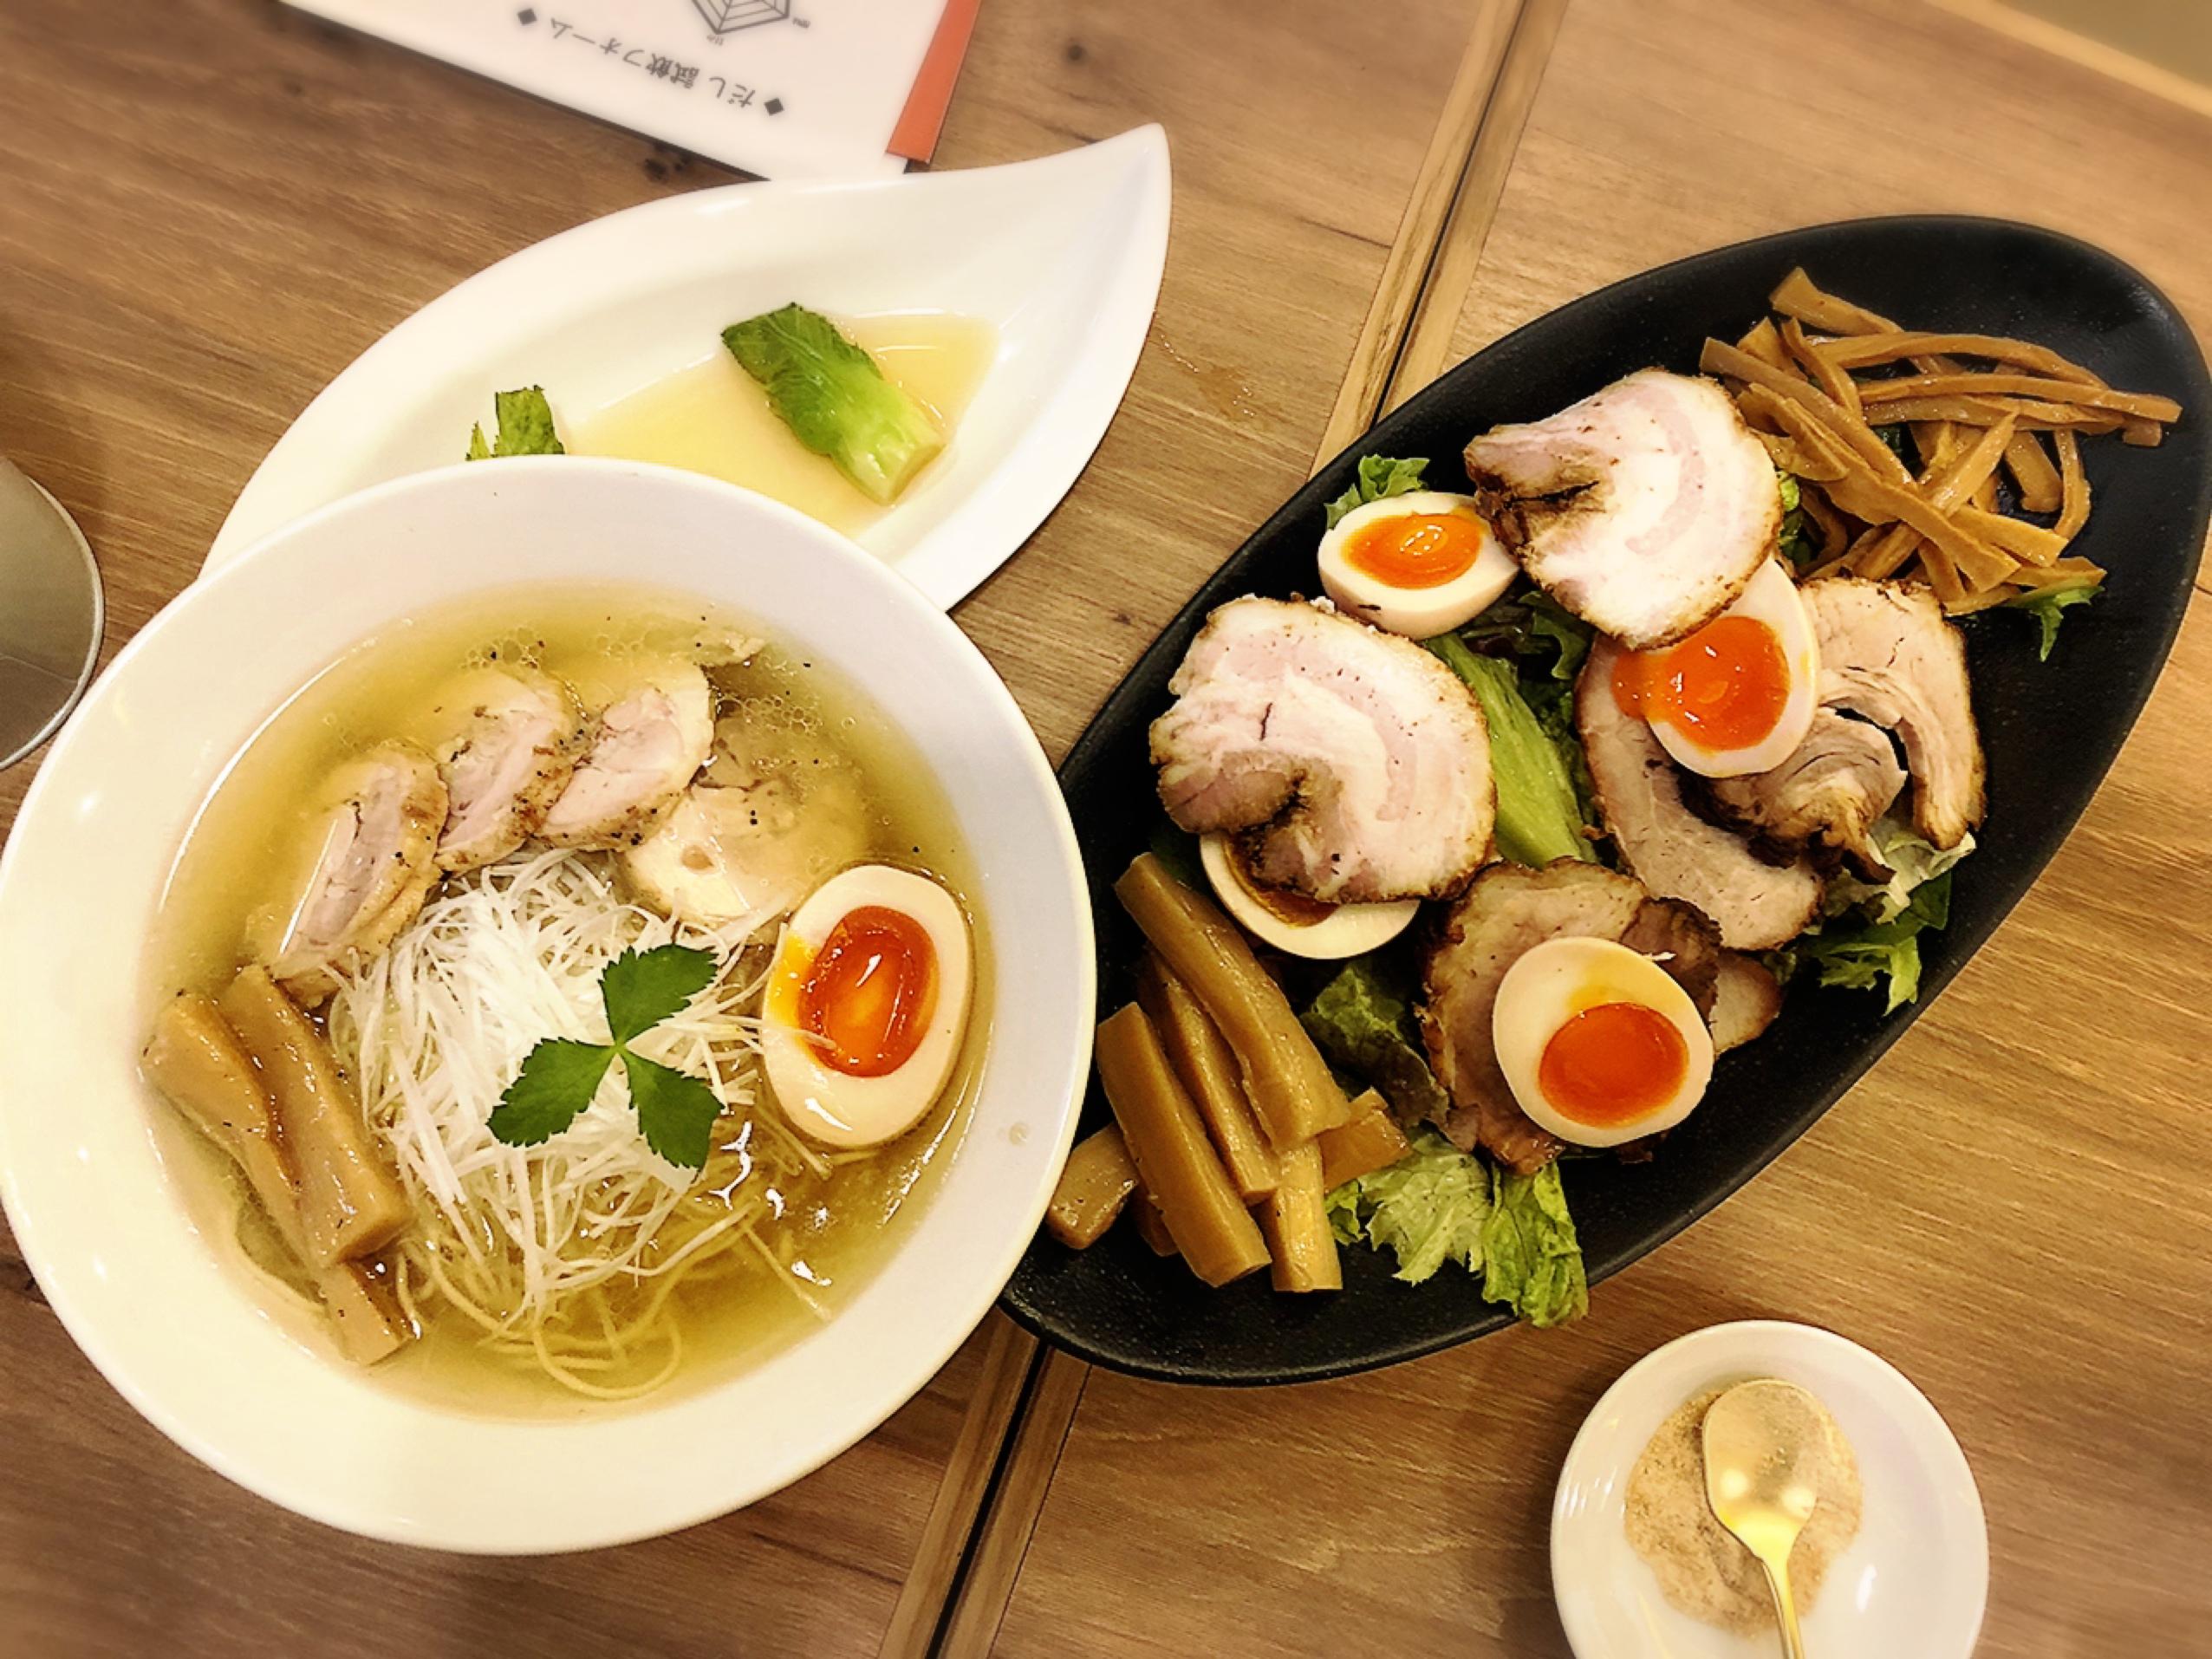 大成食品監修ラーメンセミナー@新橋グリルアンドバーベキュープラチナミート白金肉 レポート